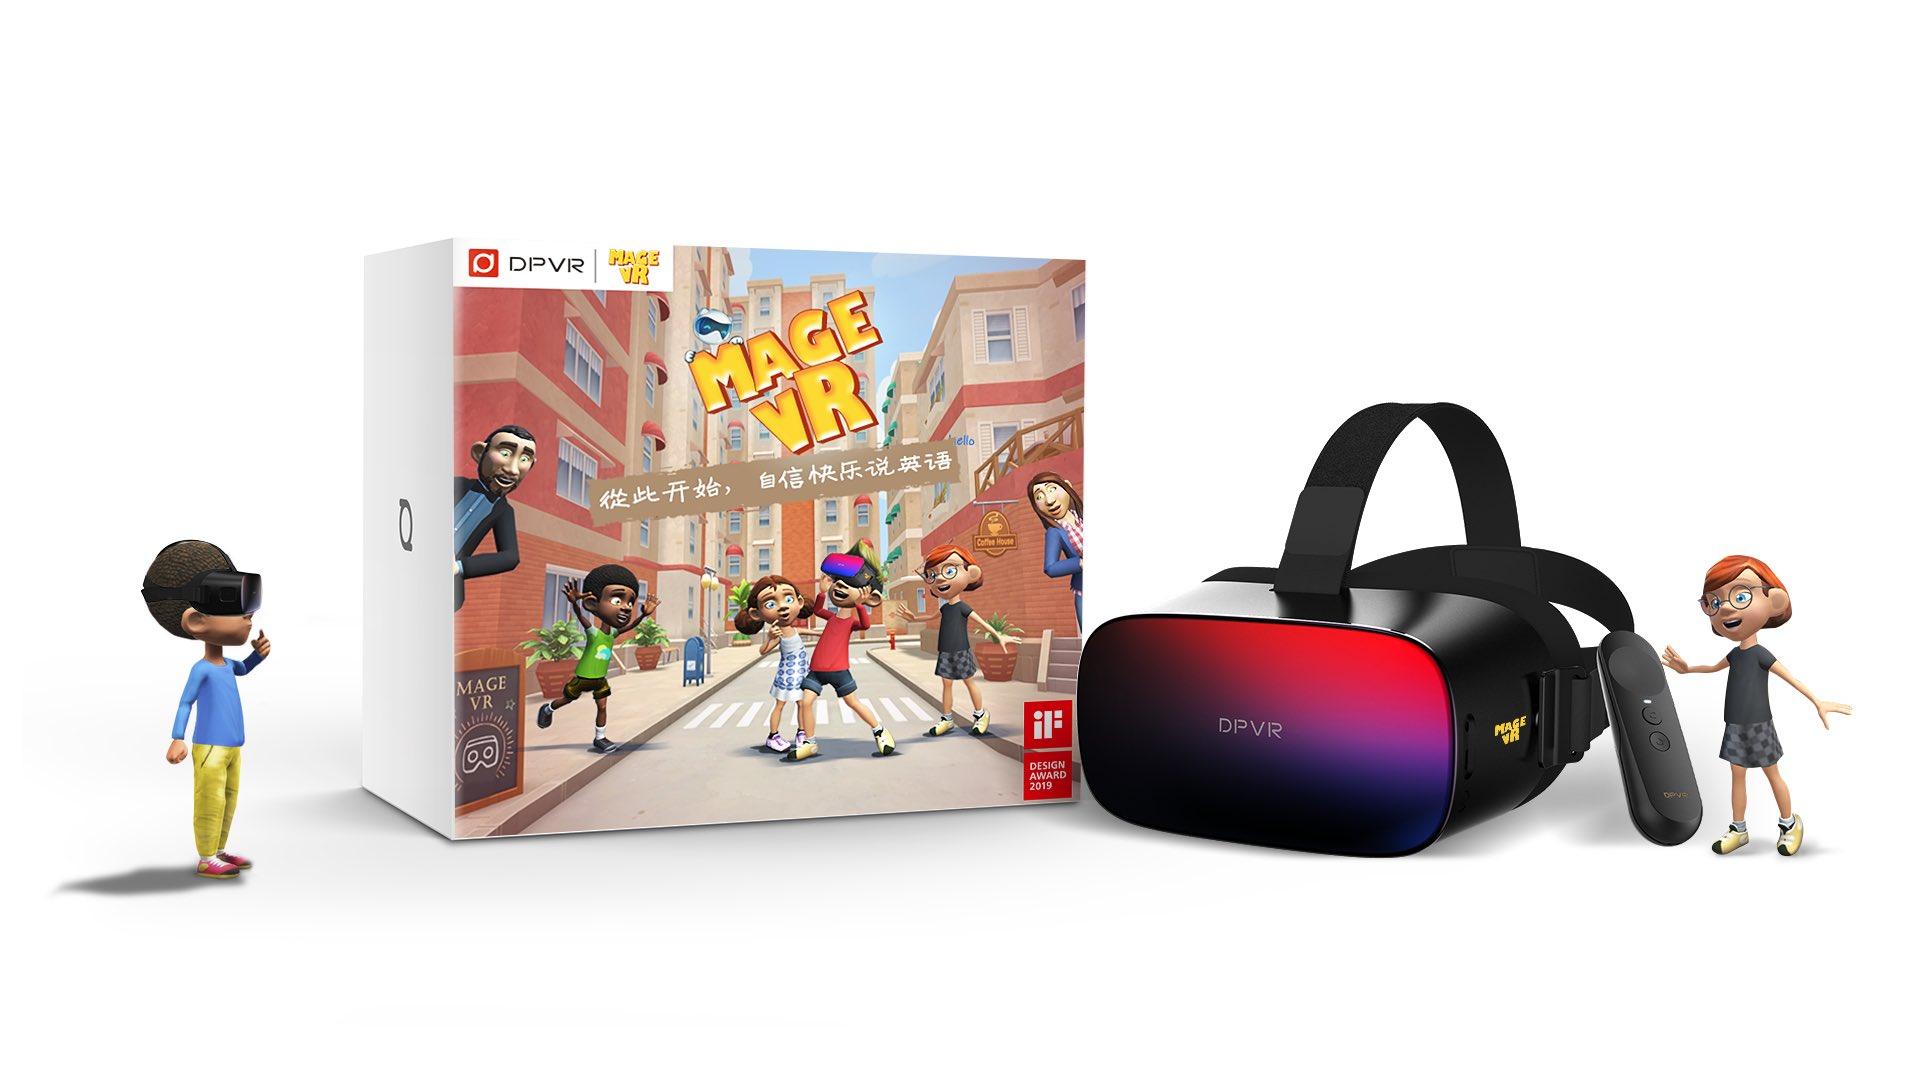 Mage VR